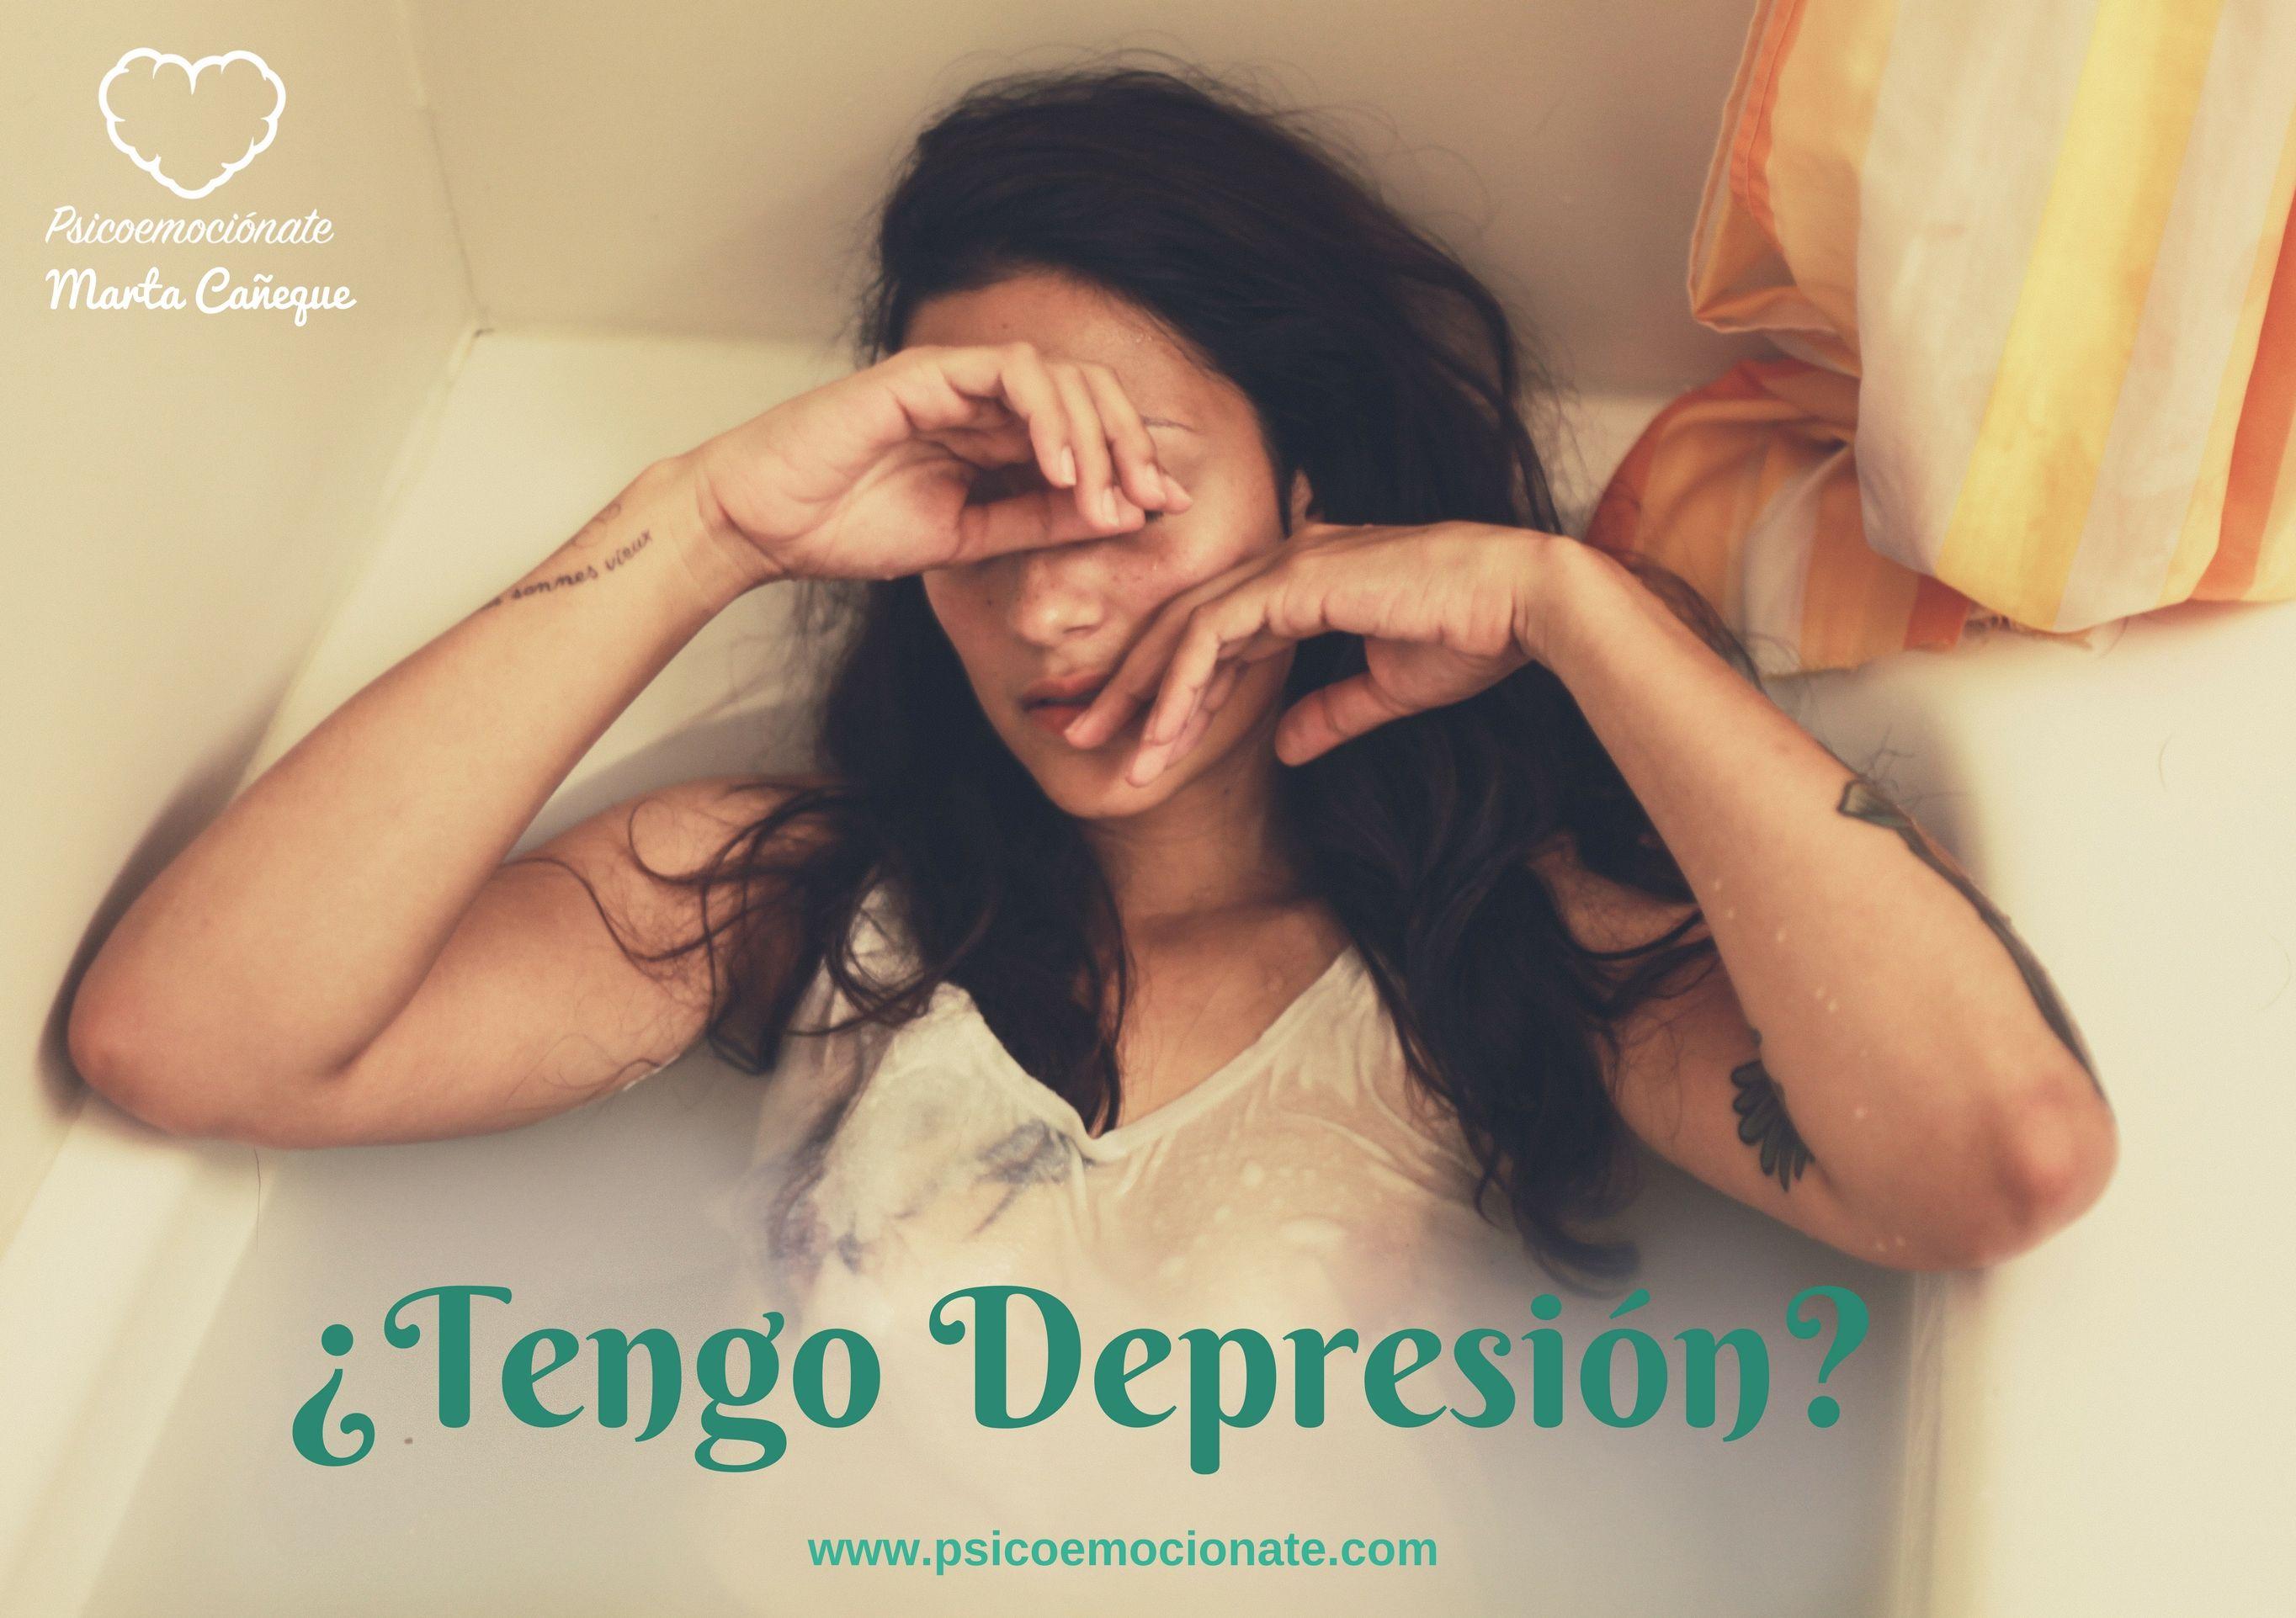 Depresión psicoemocionate